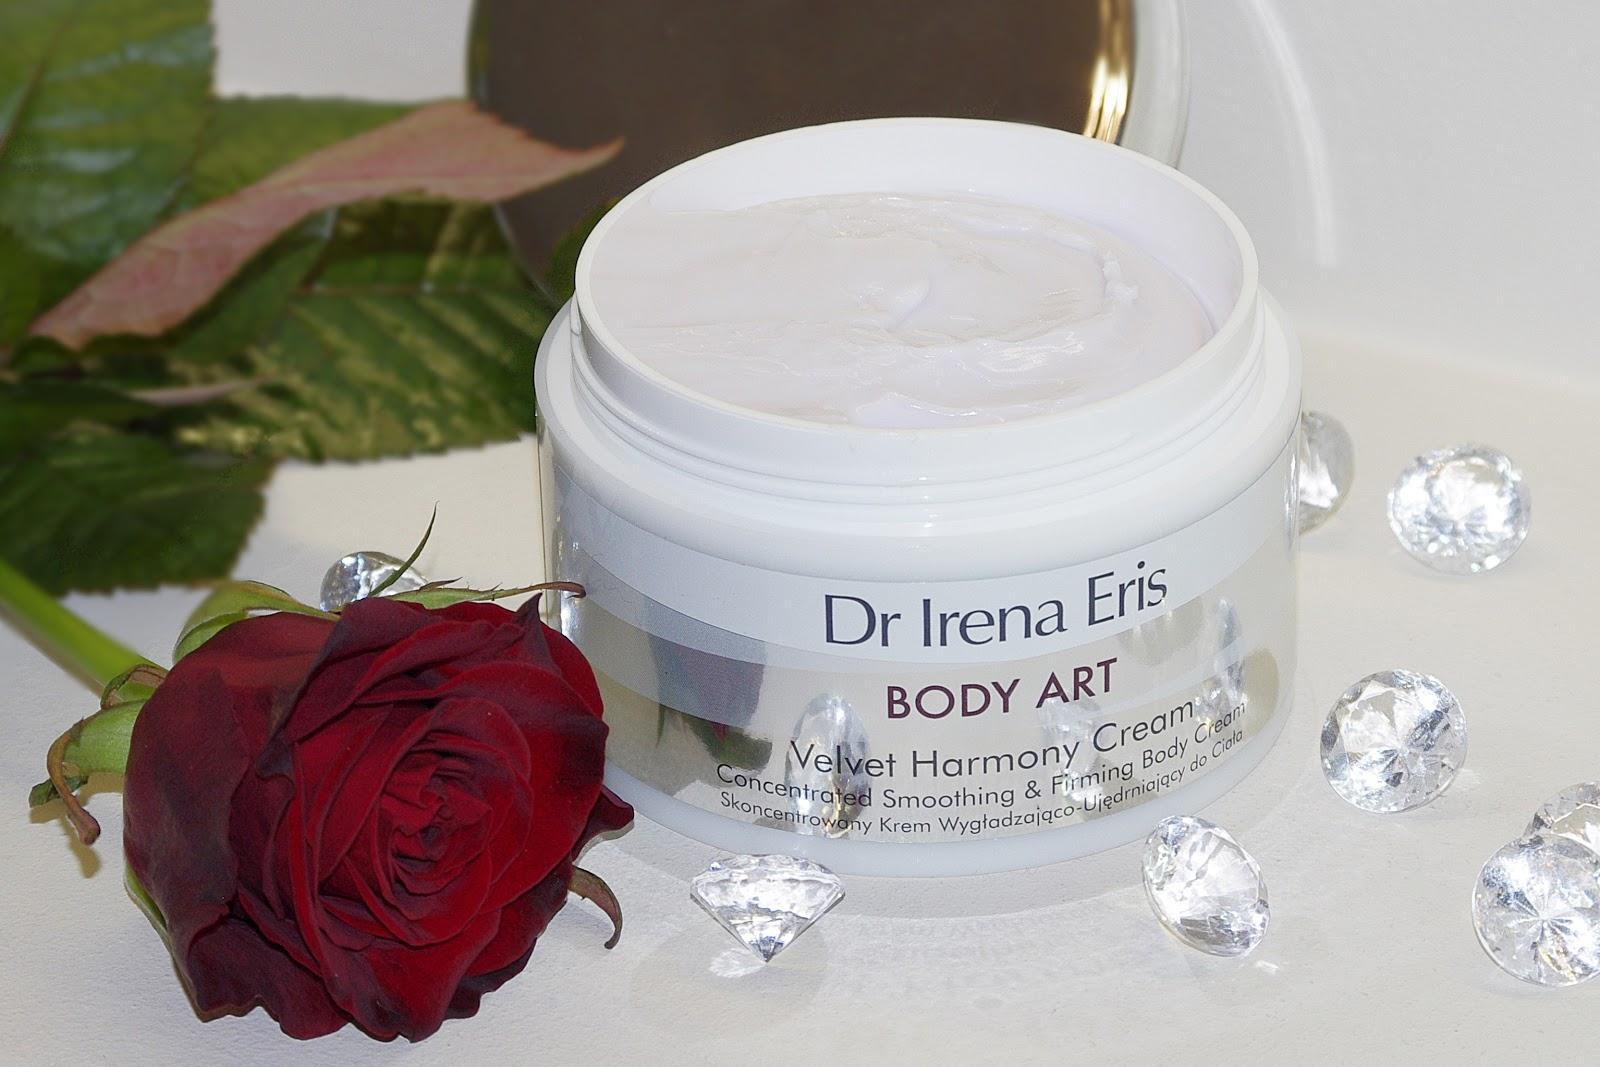 Skoncentrowanym Krem Wygładzający do Ciała Velvet Harmony Cream Body Art Dr Irena Eris konsystencja